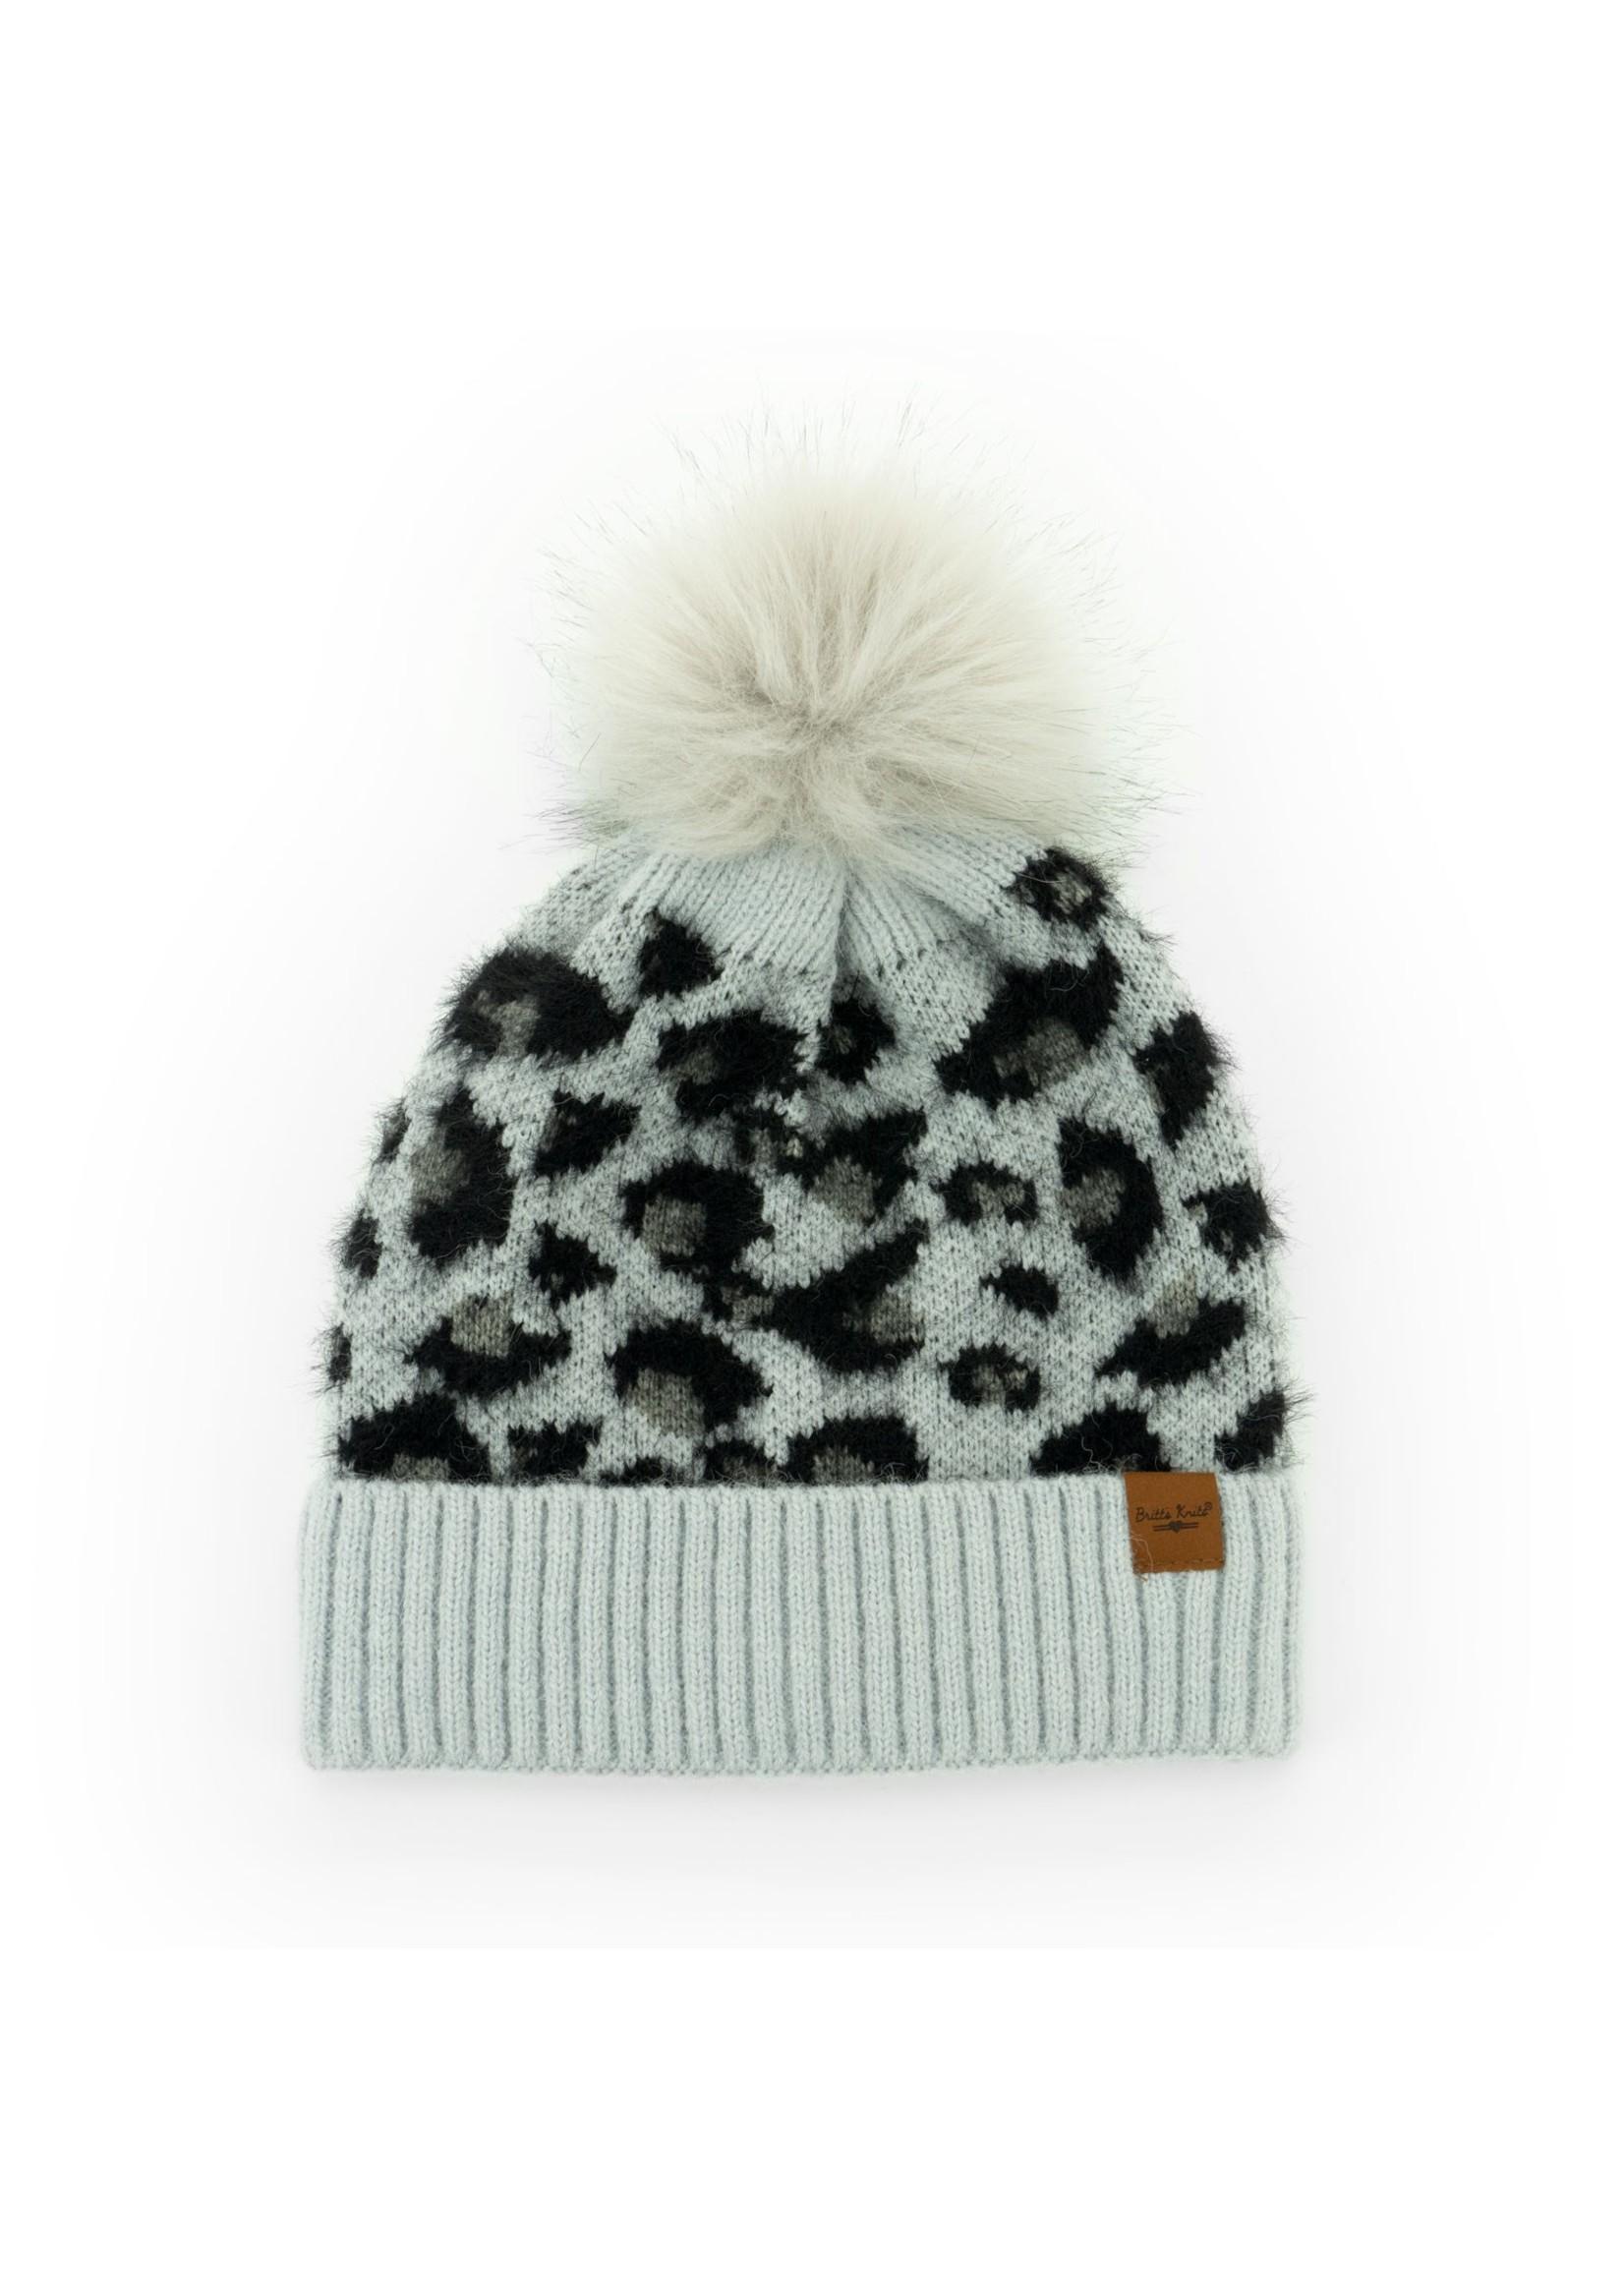 Britt's Knits Snow Leopard Pom Hat